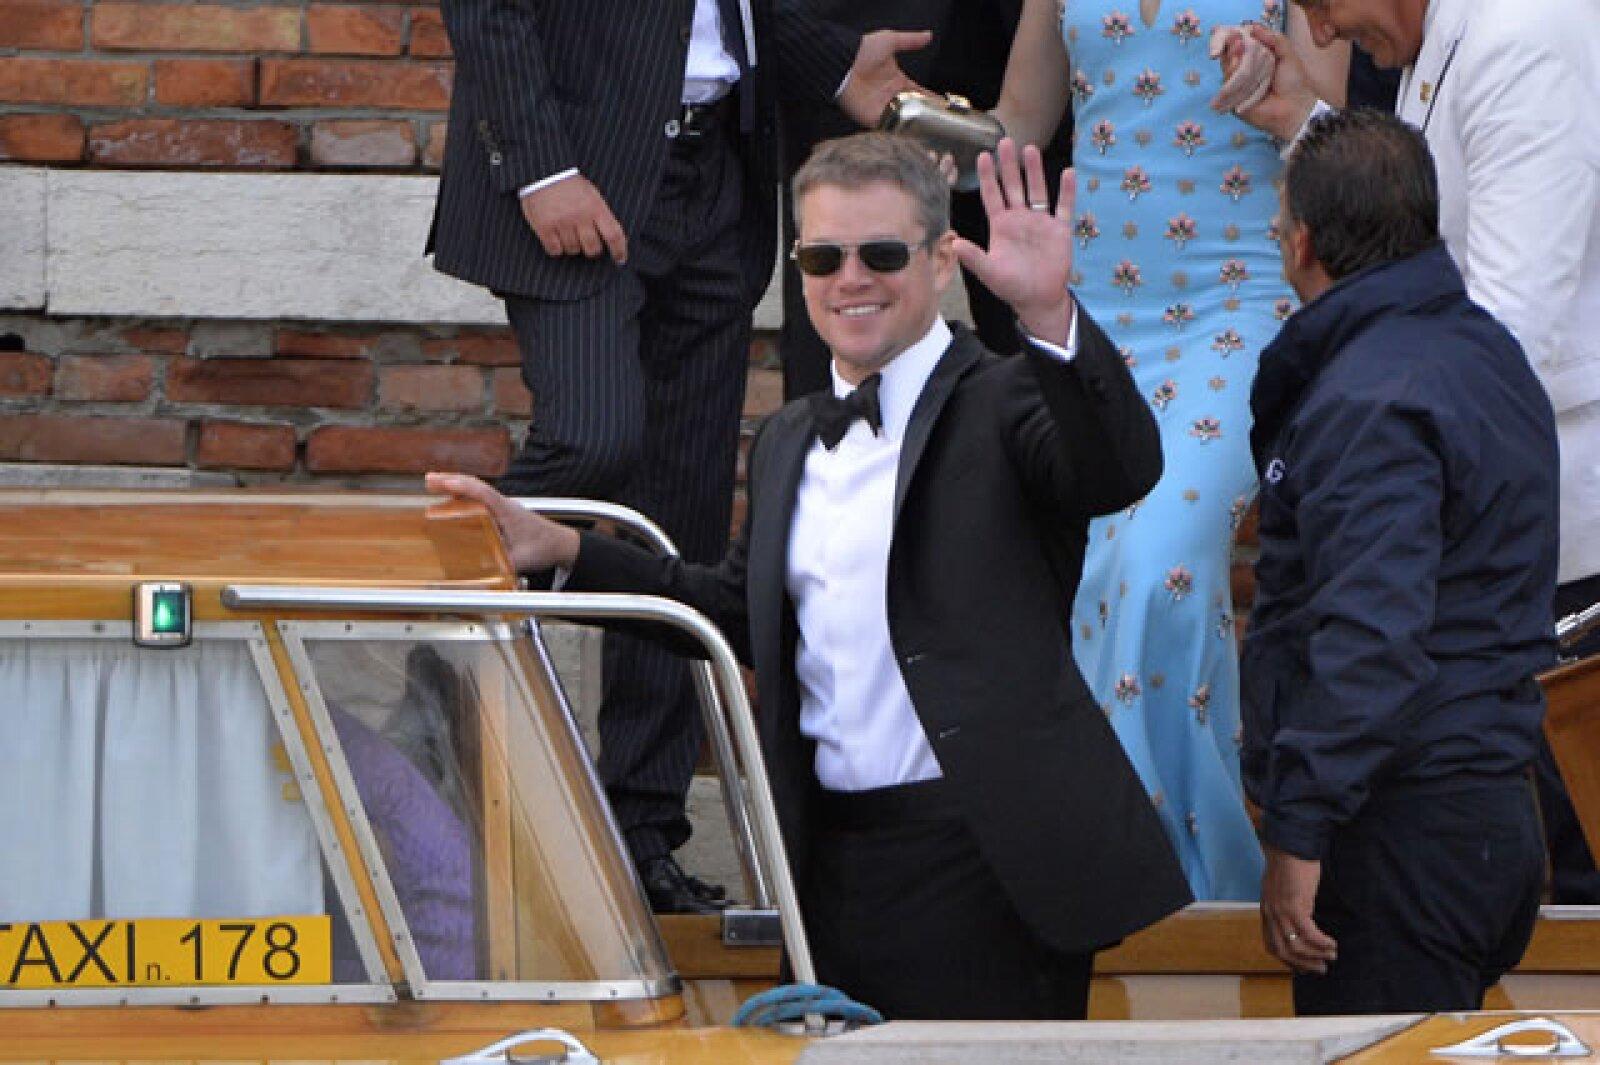 Matt Damon no podía faltar a la celebración.